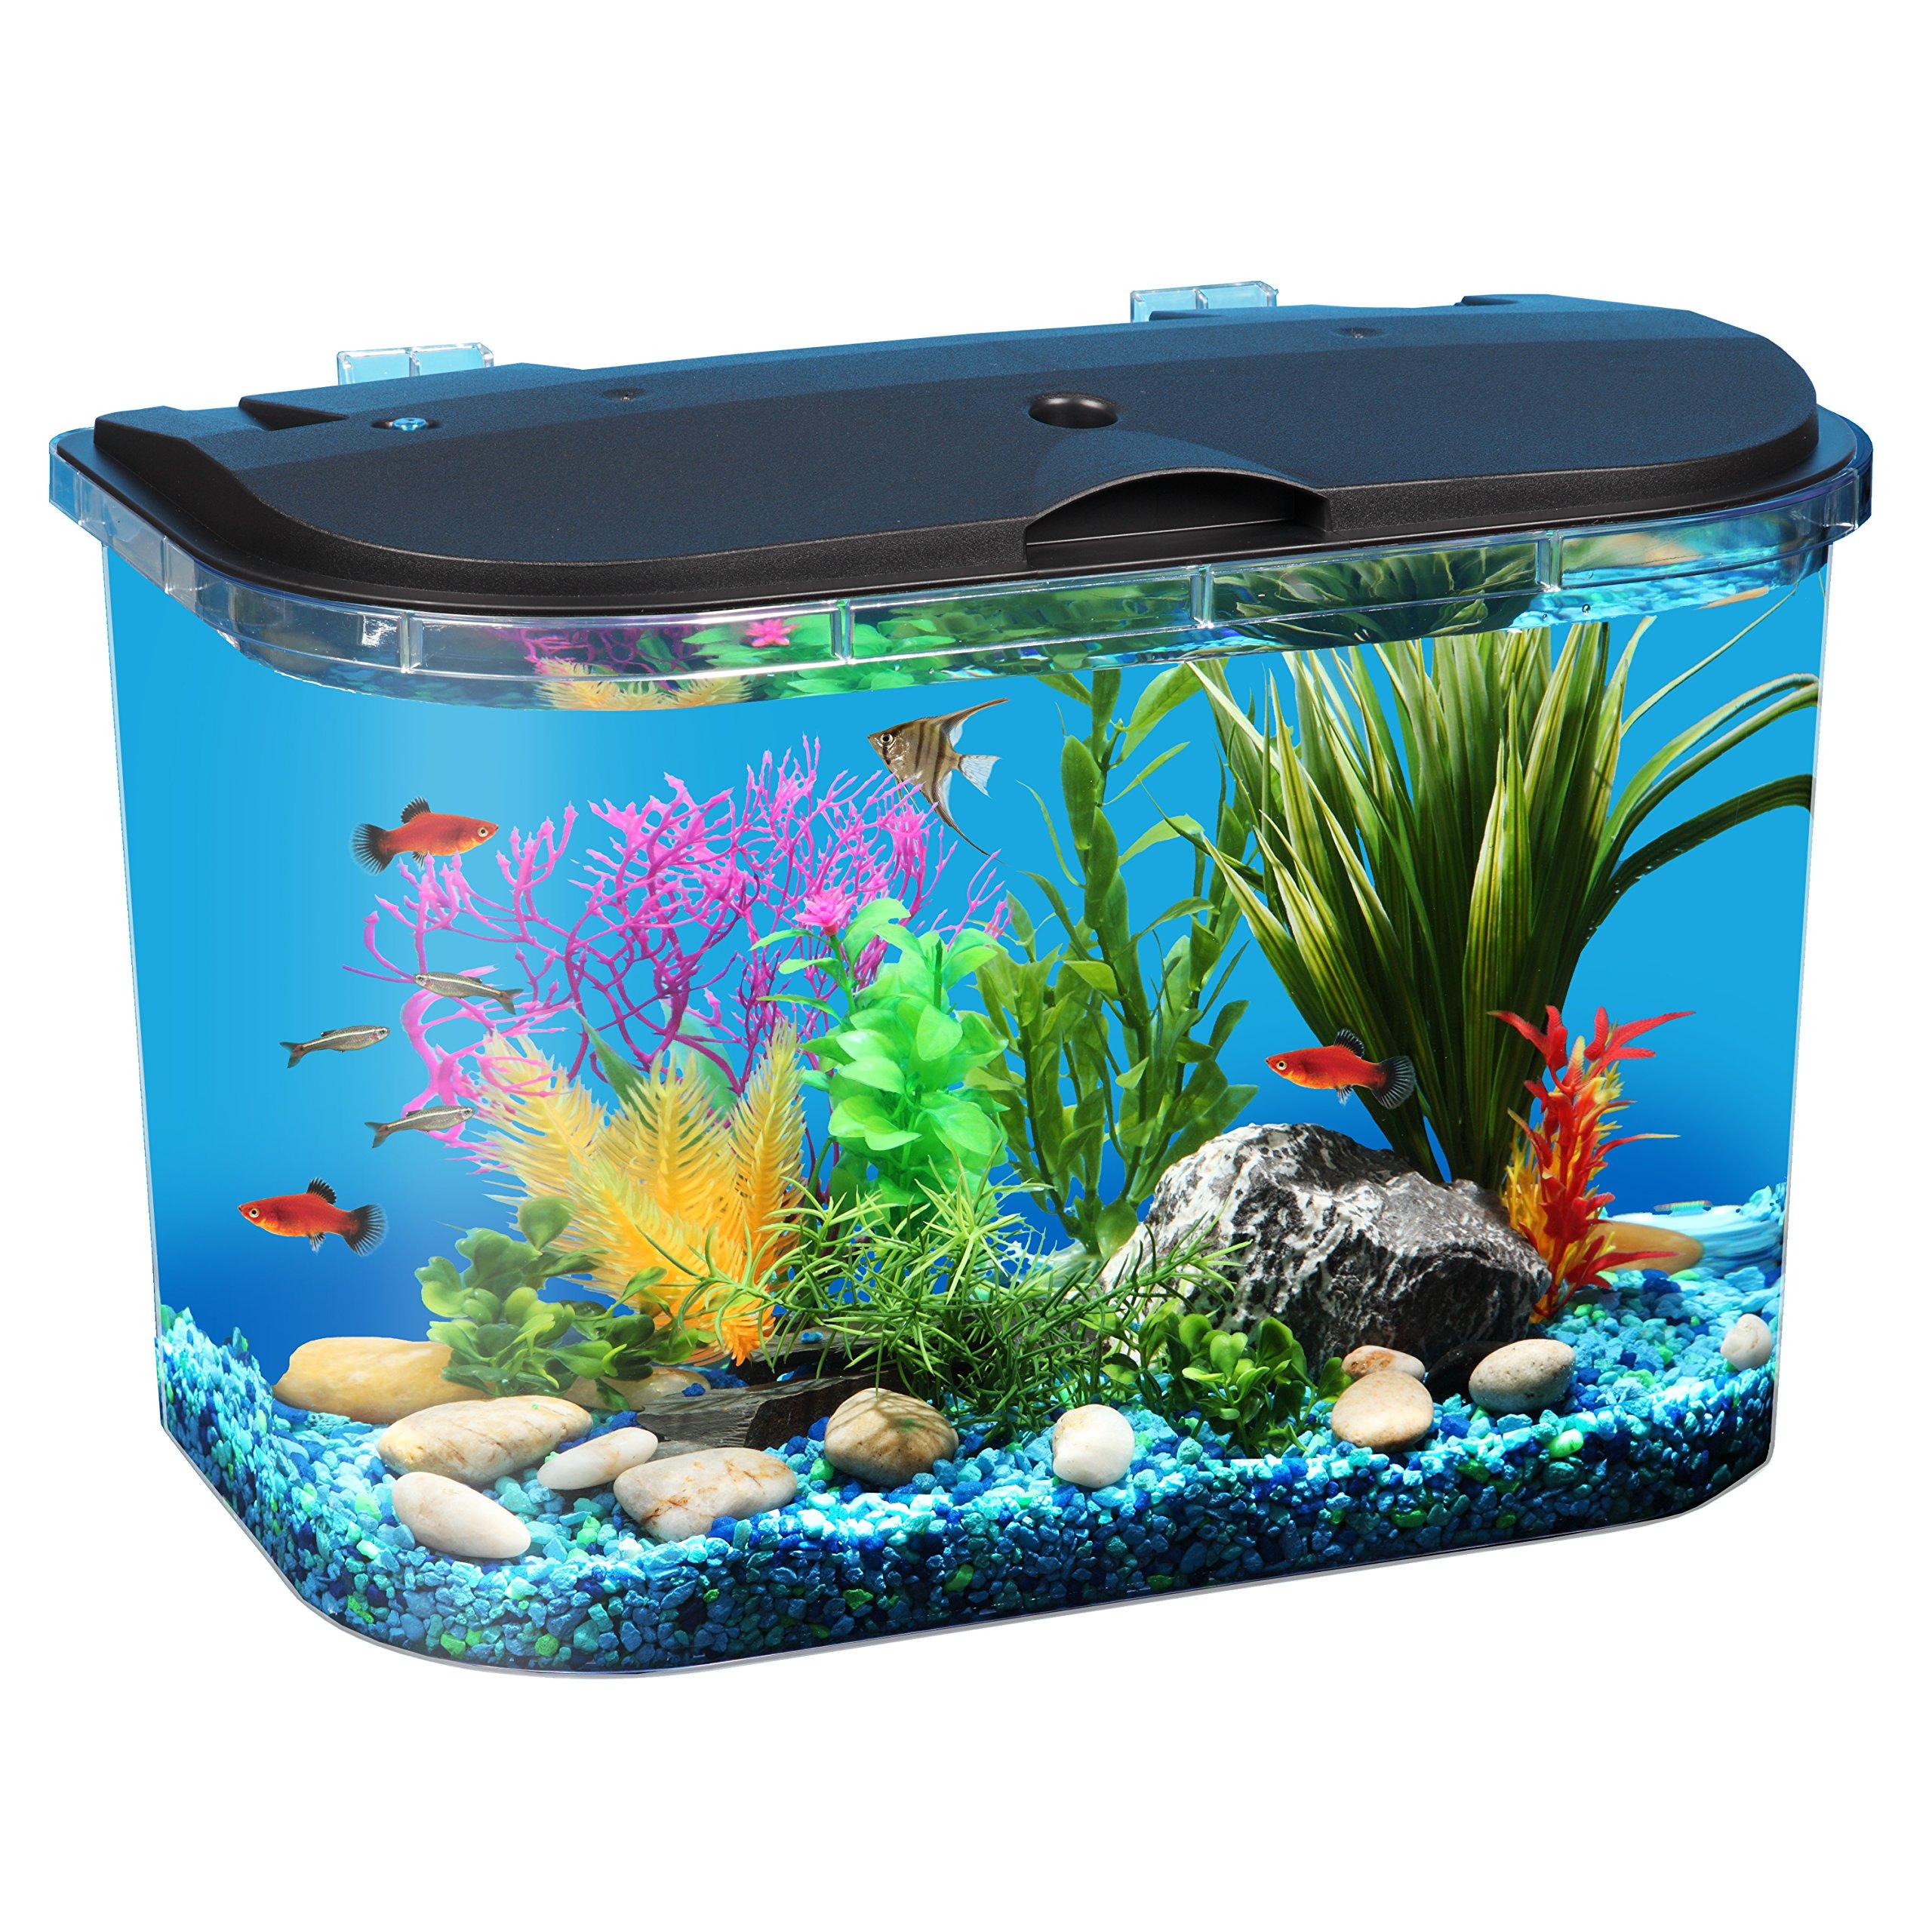 Aquarium Fish Kit Tank Multiple LED Colors and Power Filter 5-Gallon ...